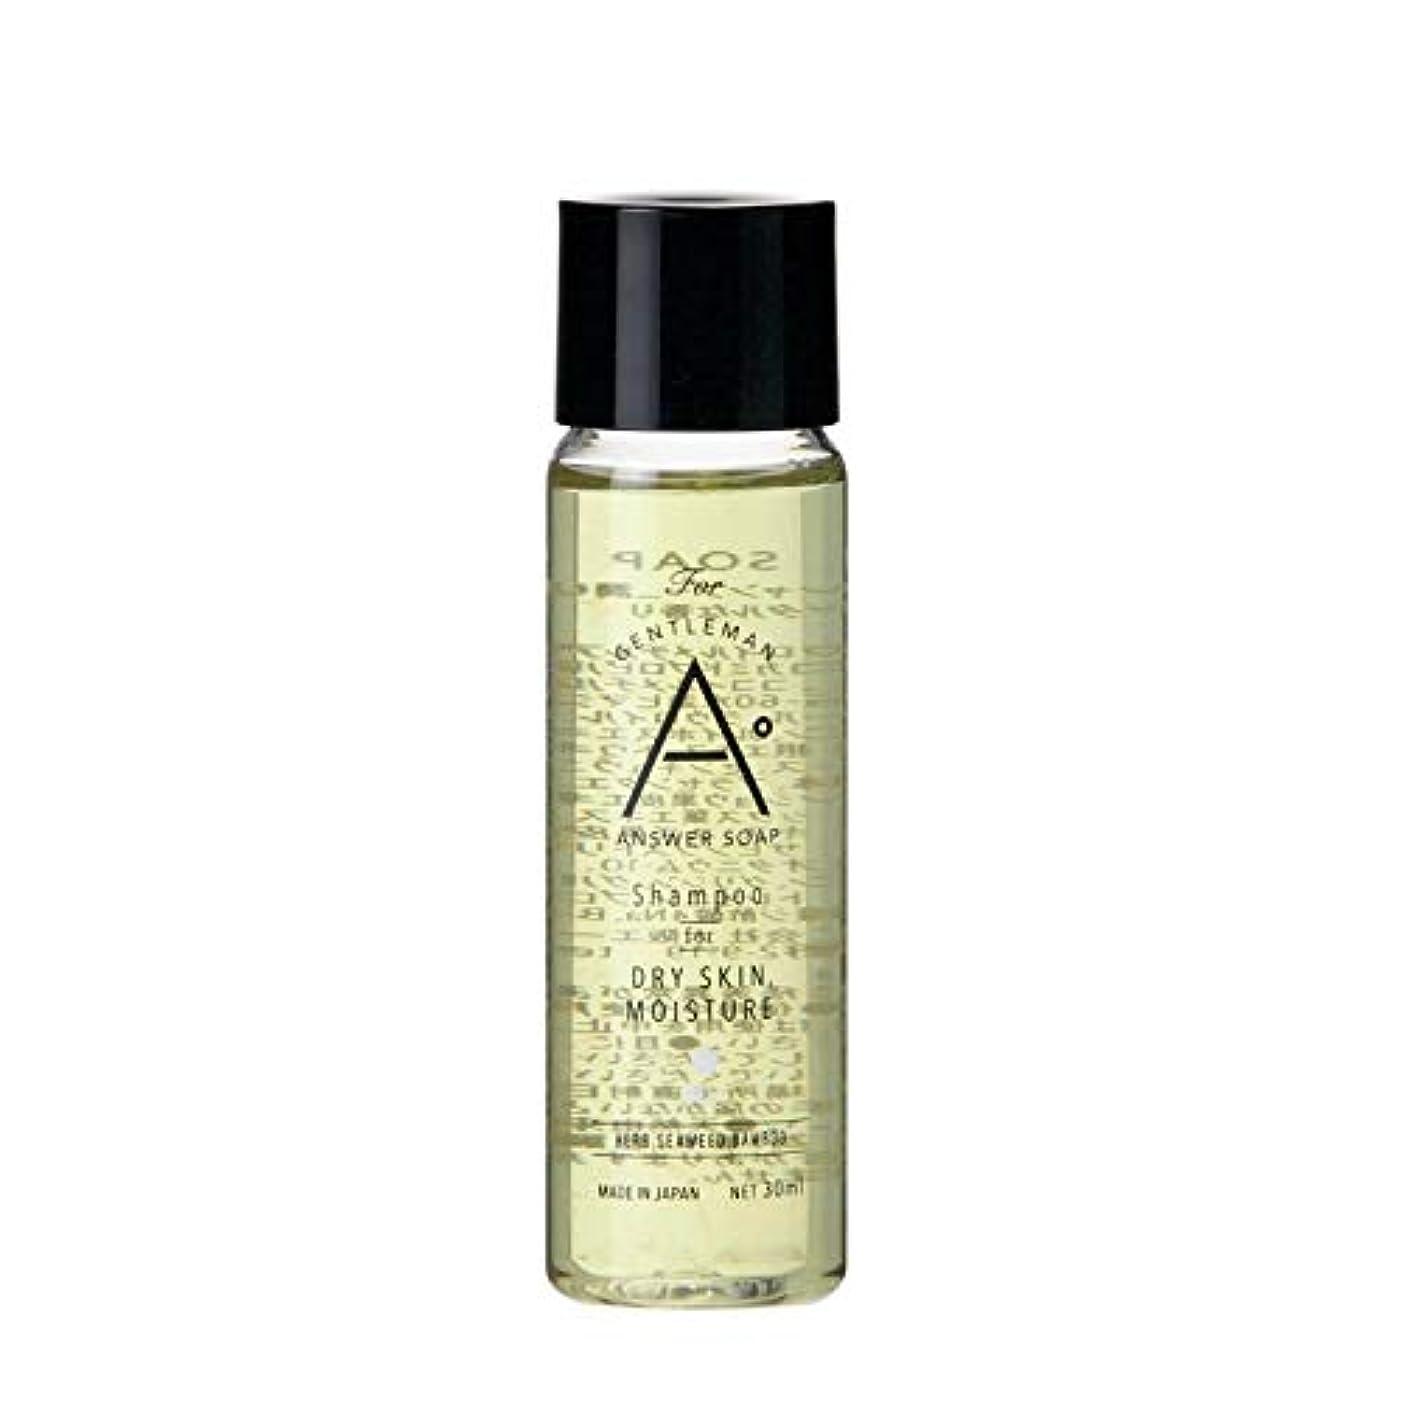 干渉する差別する金属ANSWER SOAP シャンプー トラベルサイズ 30mL【 お試し 頭皮ケア スカルプ 男性用 メンズ 】 (潤い)